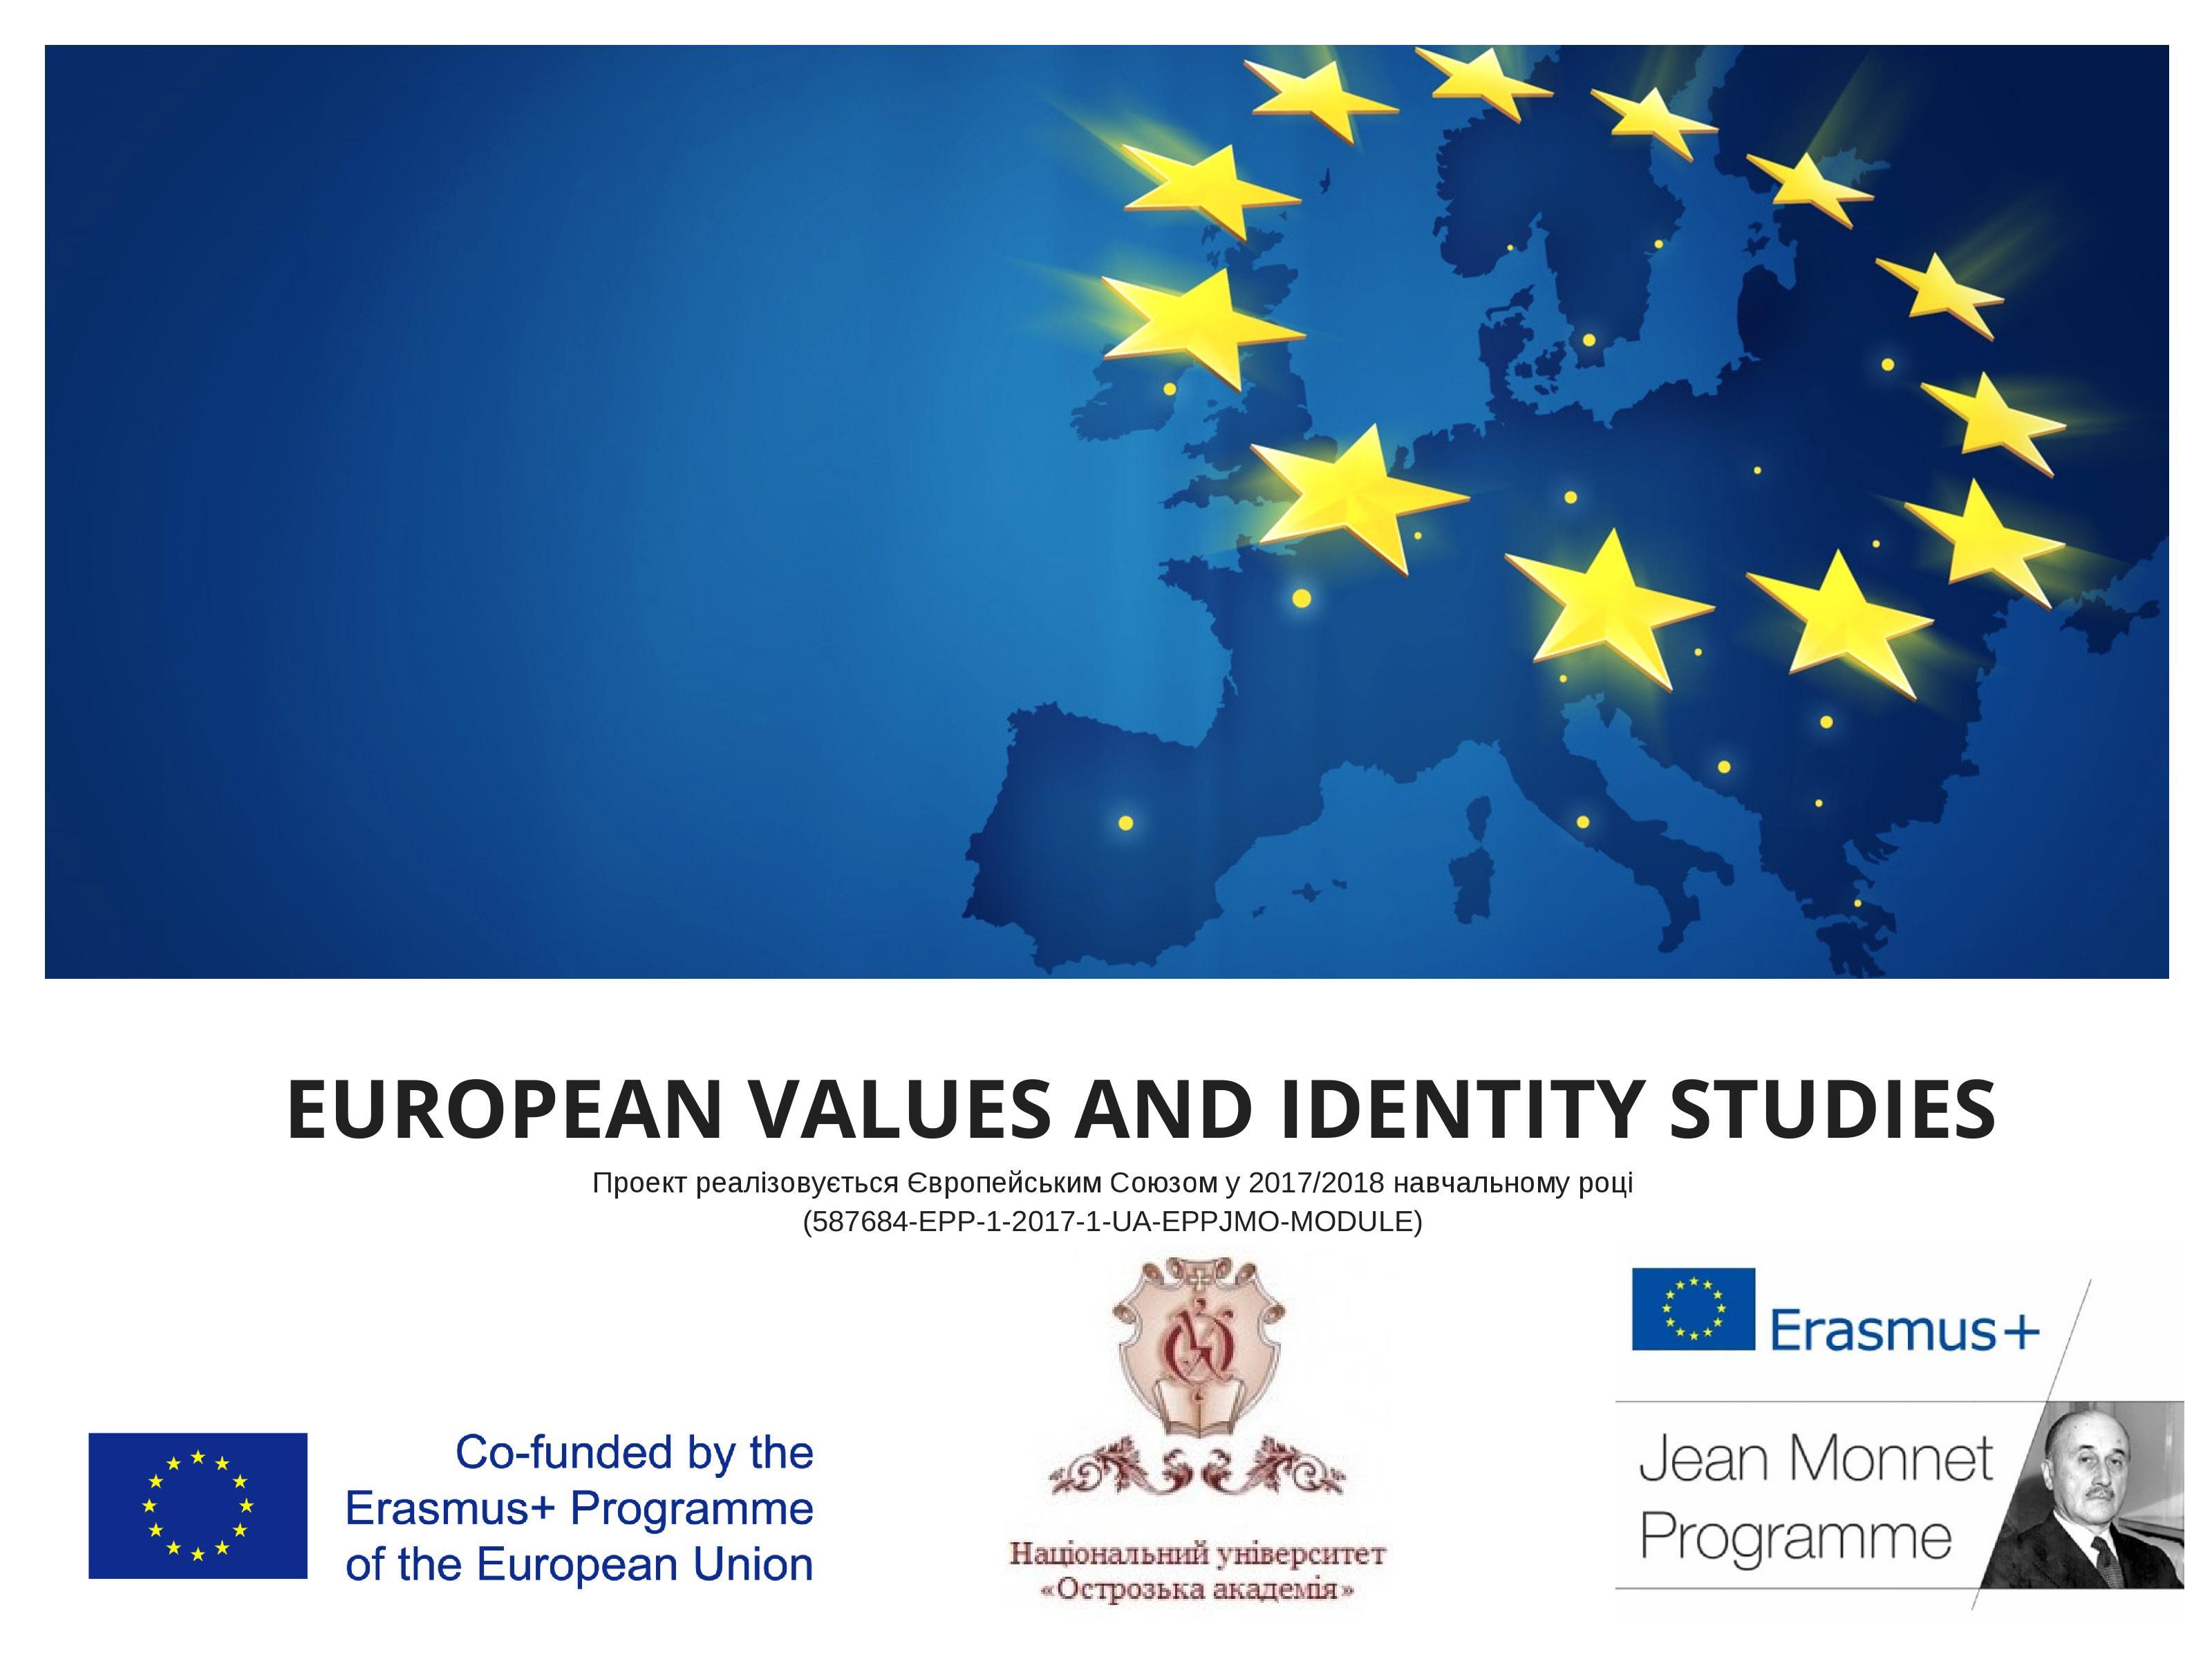 Що нам потрібно знати про Європу та її цінності?